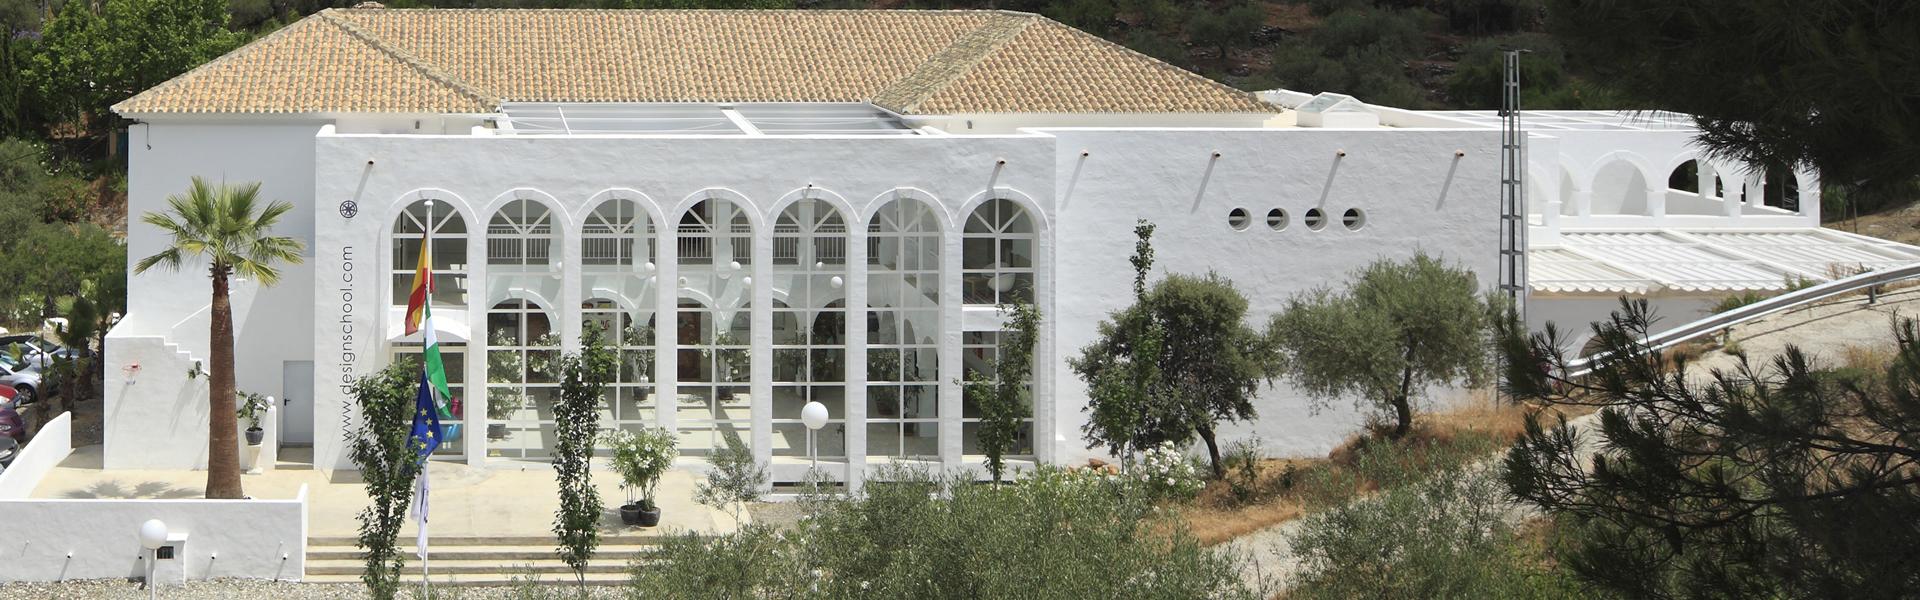 Marbella Design Academy building